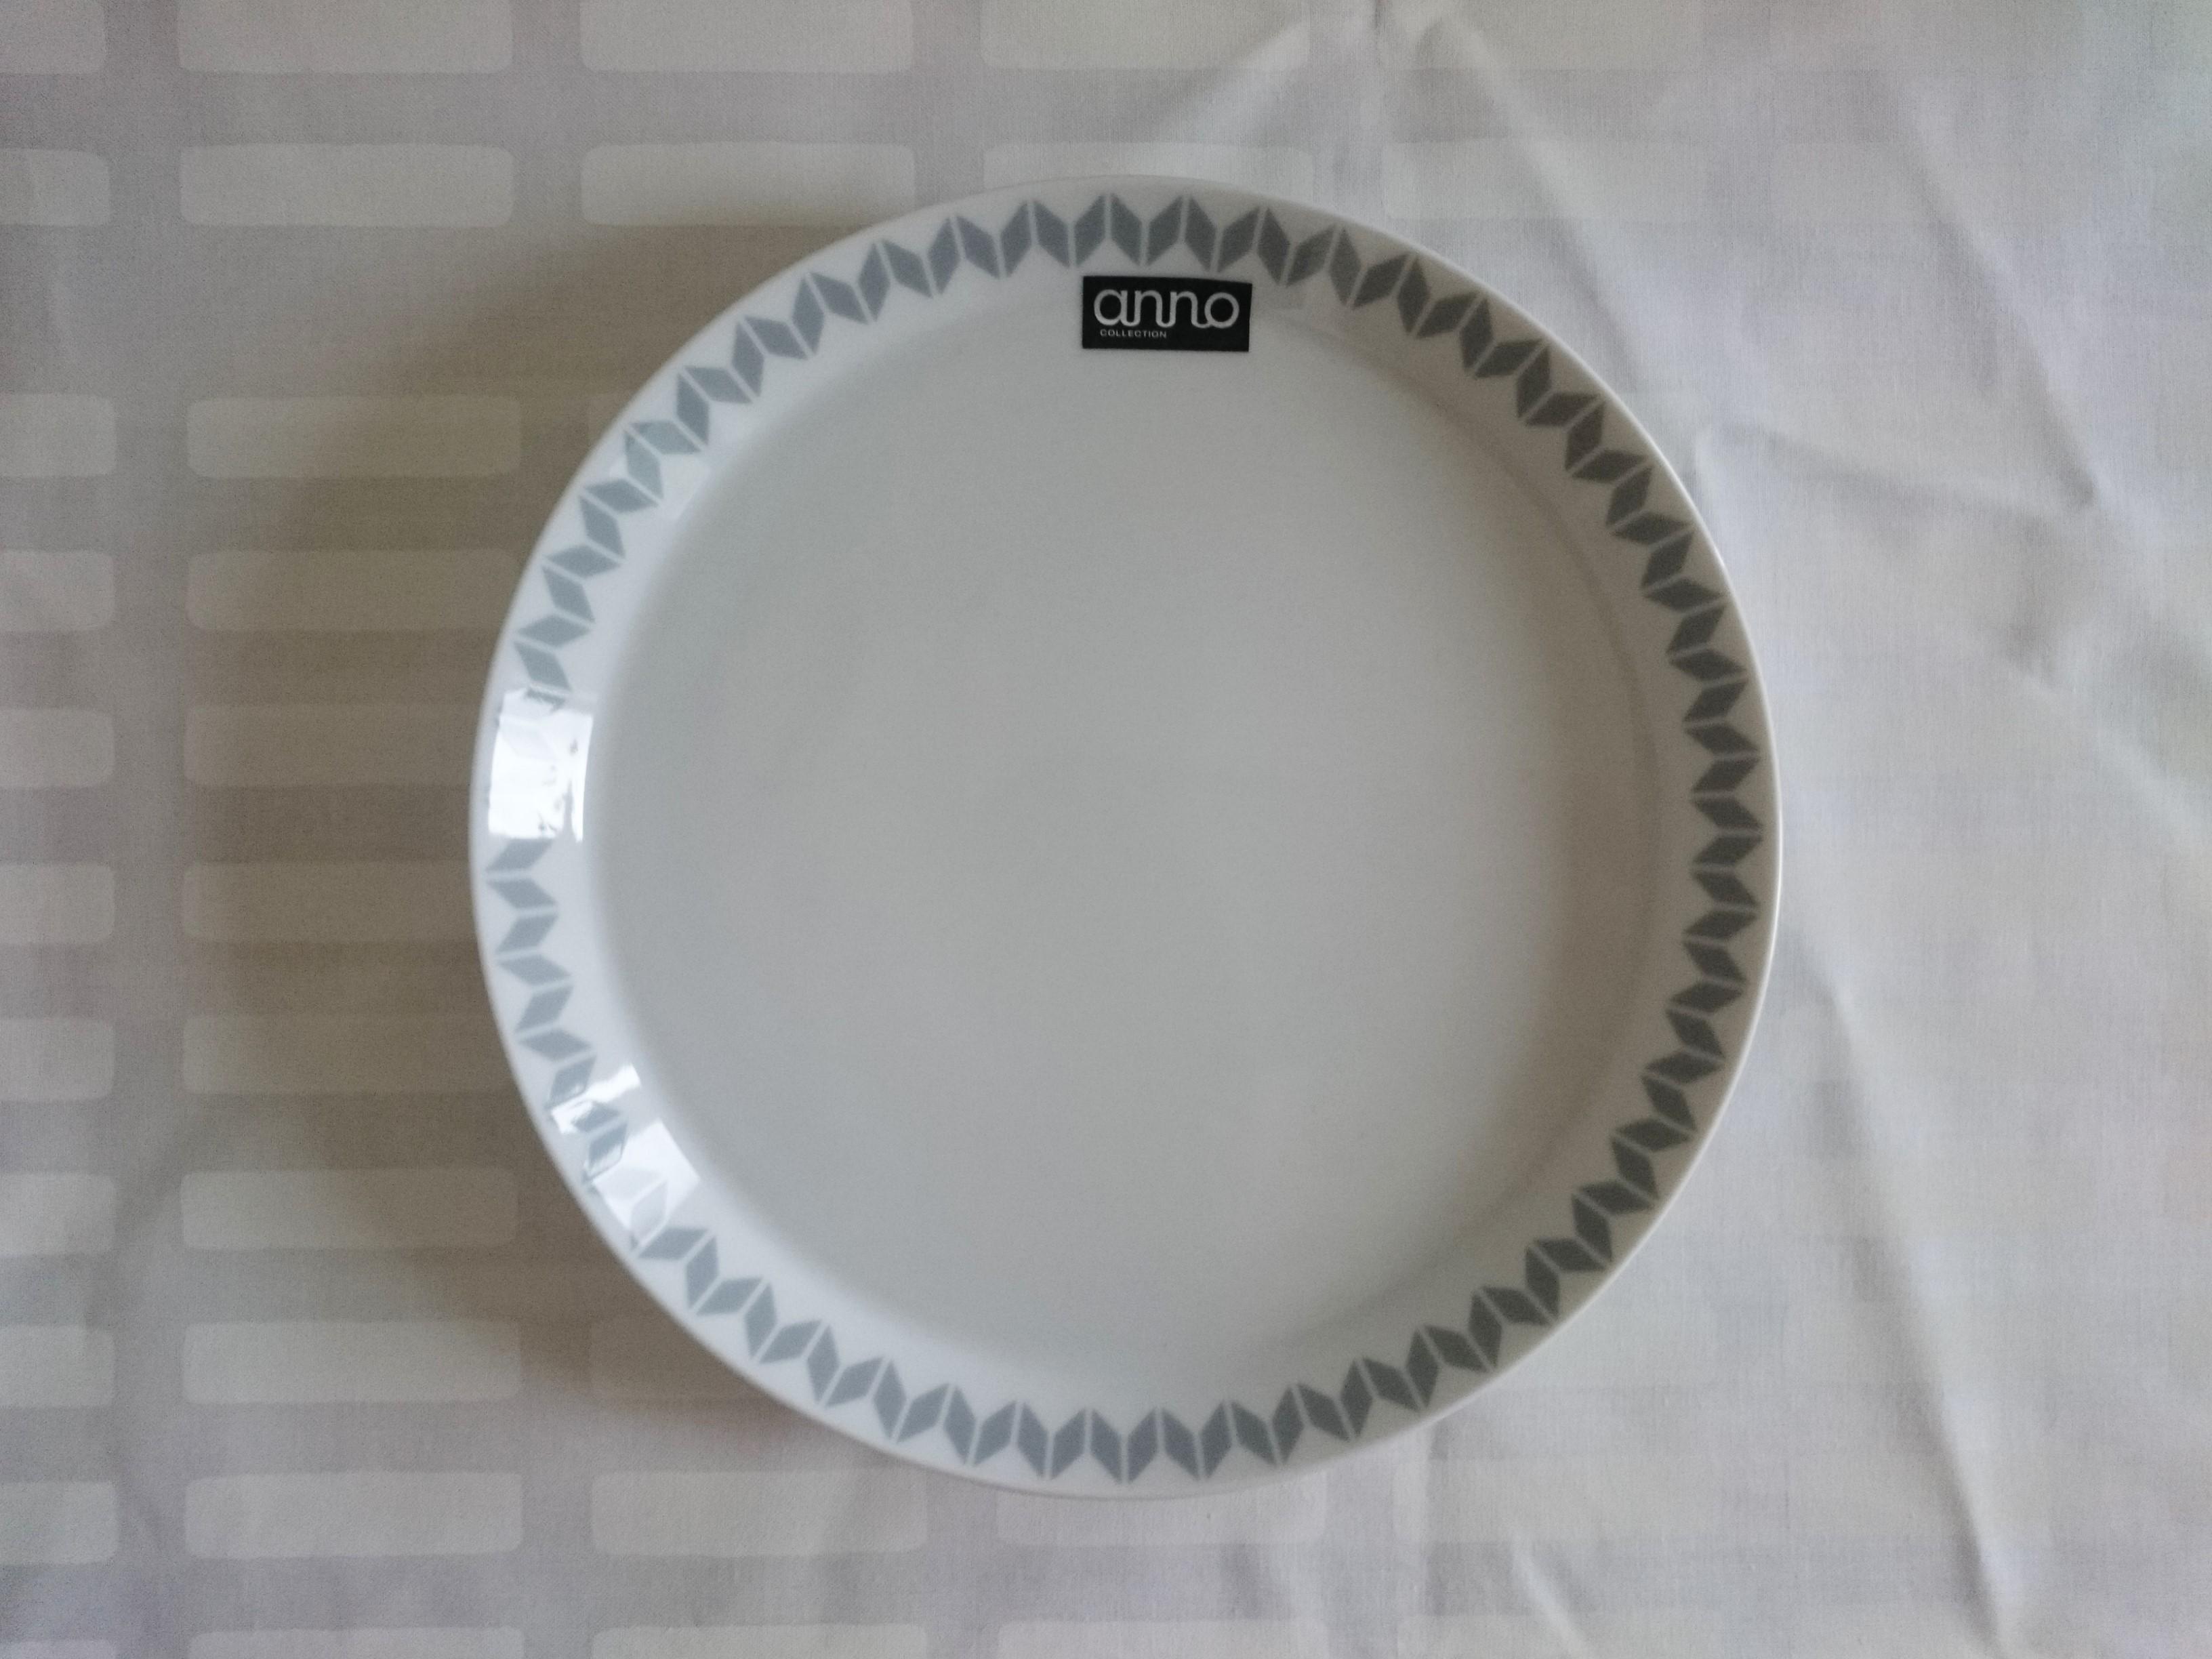 プレート / anno / 北欧モノトーン プレート (21.5cm)